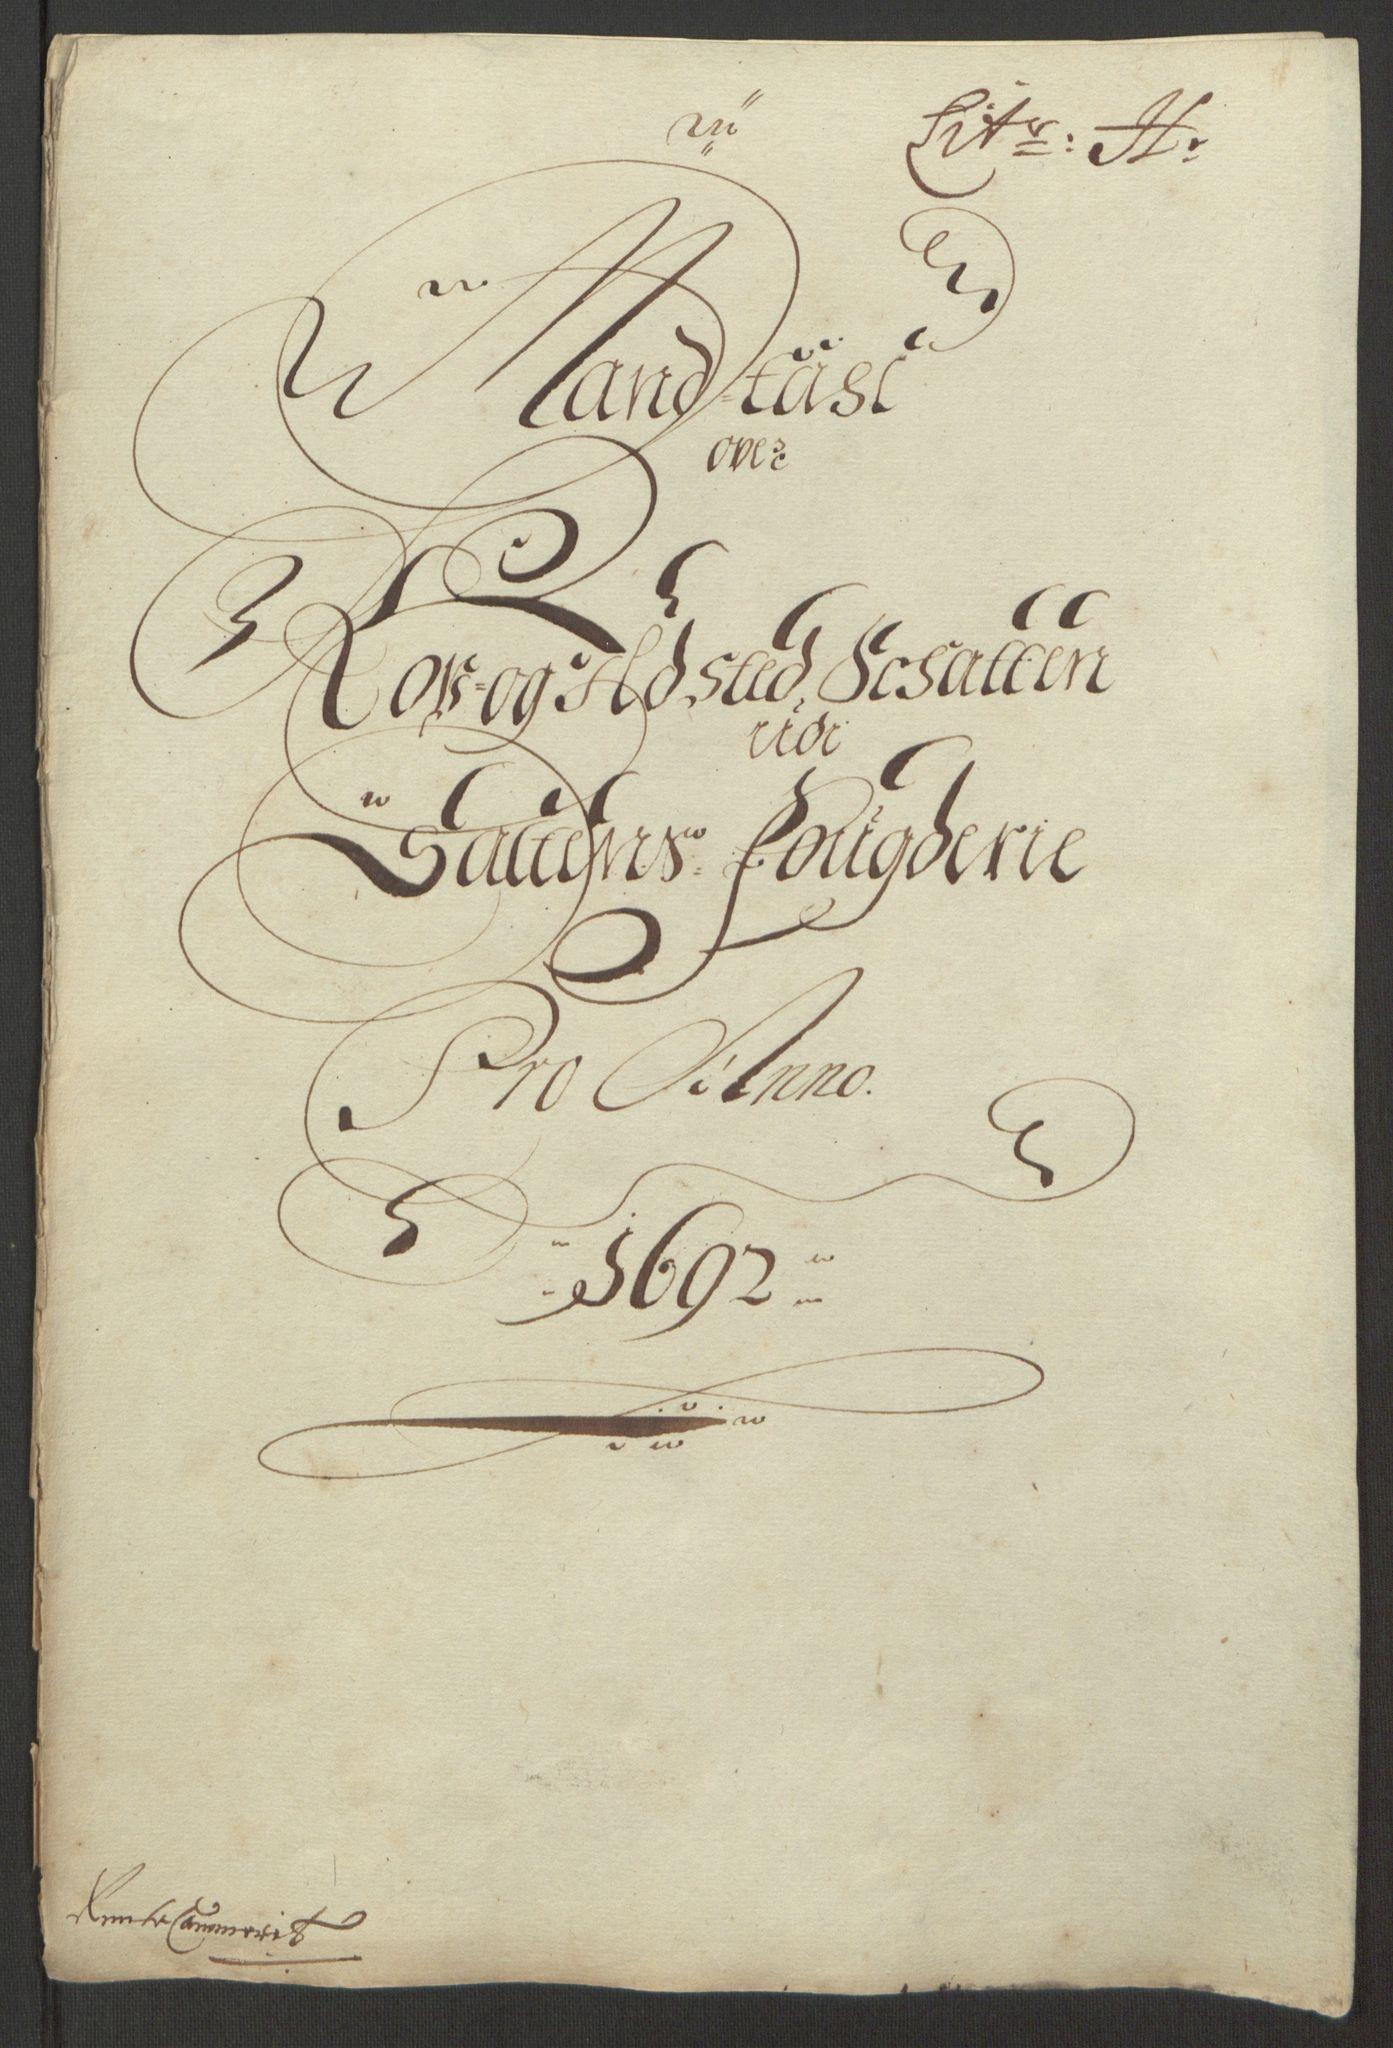 RA, Rentekammeret inntil 1814, Reviderte regnskaper, Fogderegnskap, R66/L4577: Fogderegnskap Salten, 1691-1693, s. 207